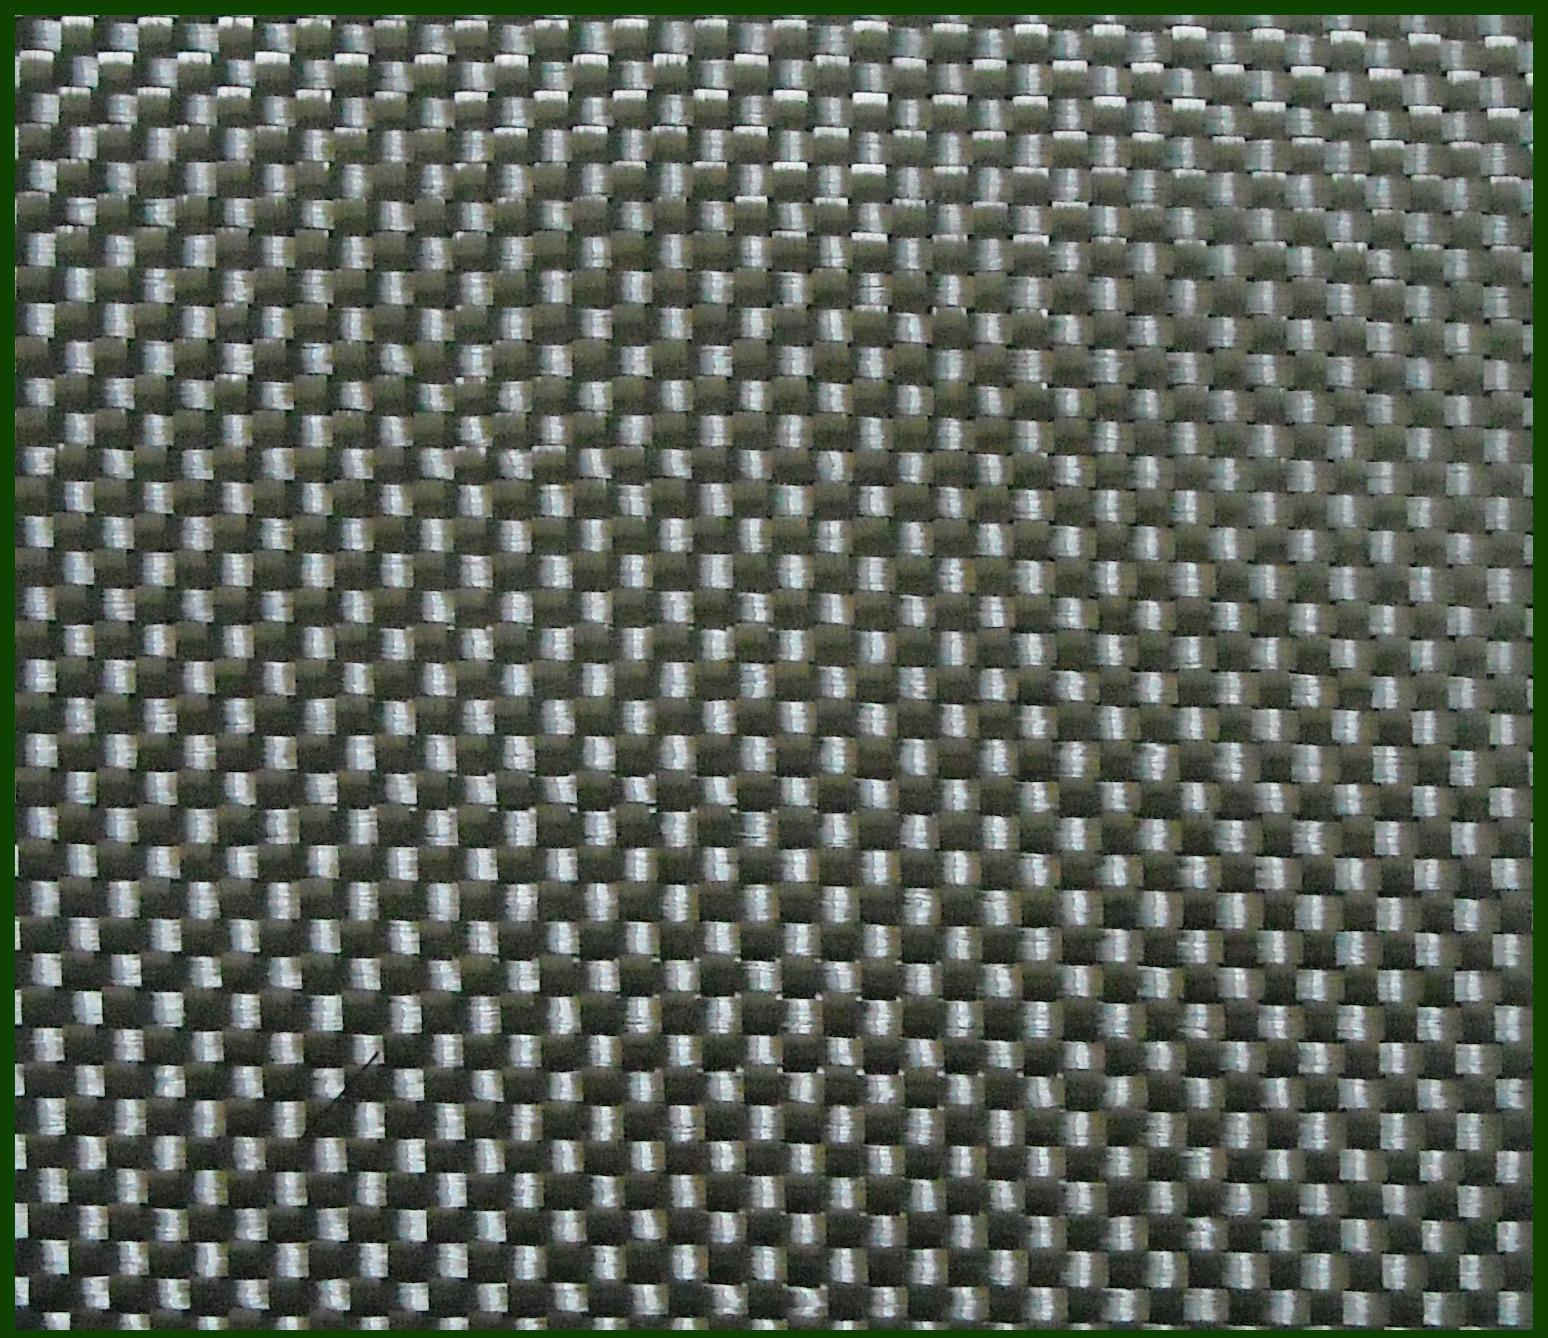 纹理高清图片素材图片素材下载碳纤维纹理高清图